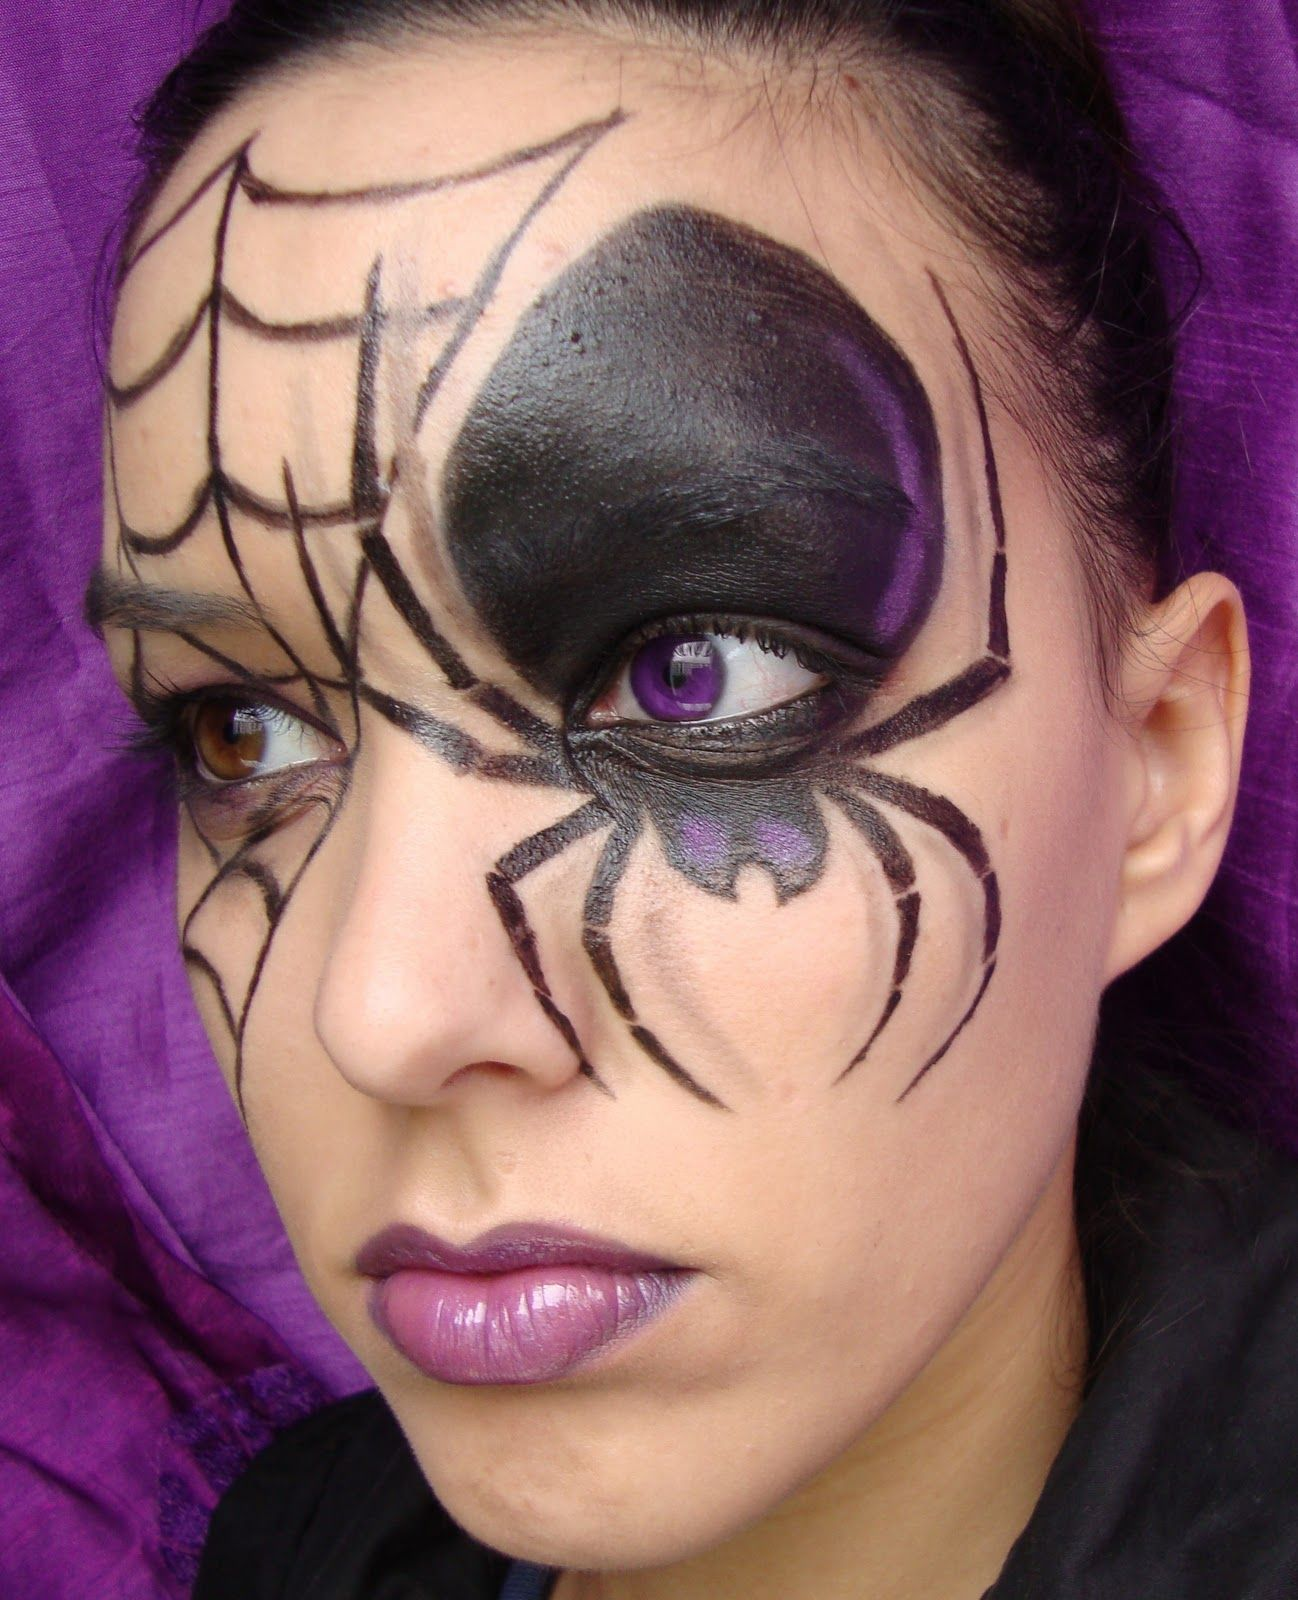 Como Maquillarse para Noche de Hallowen Maquillaje de